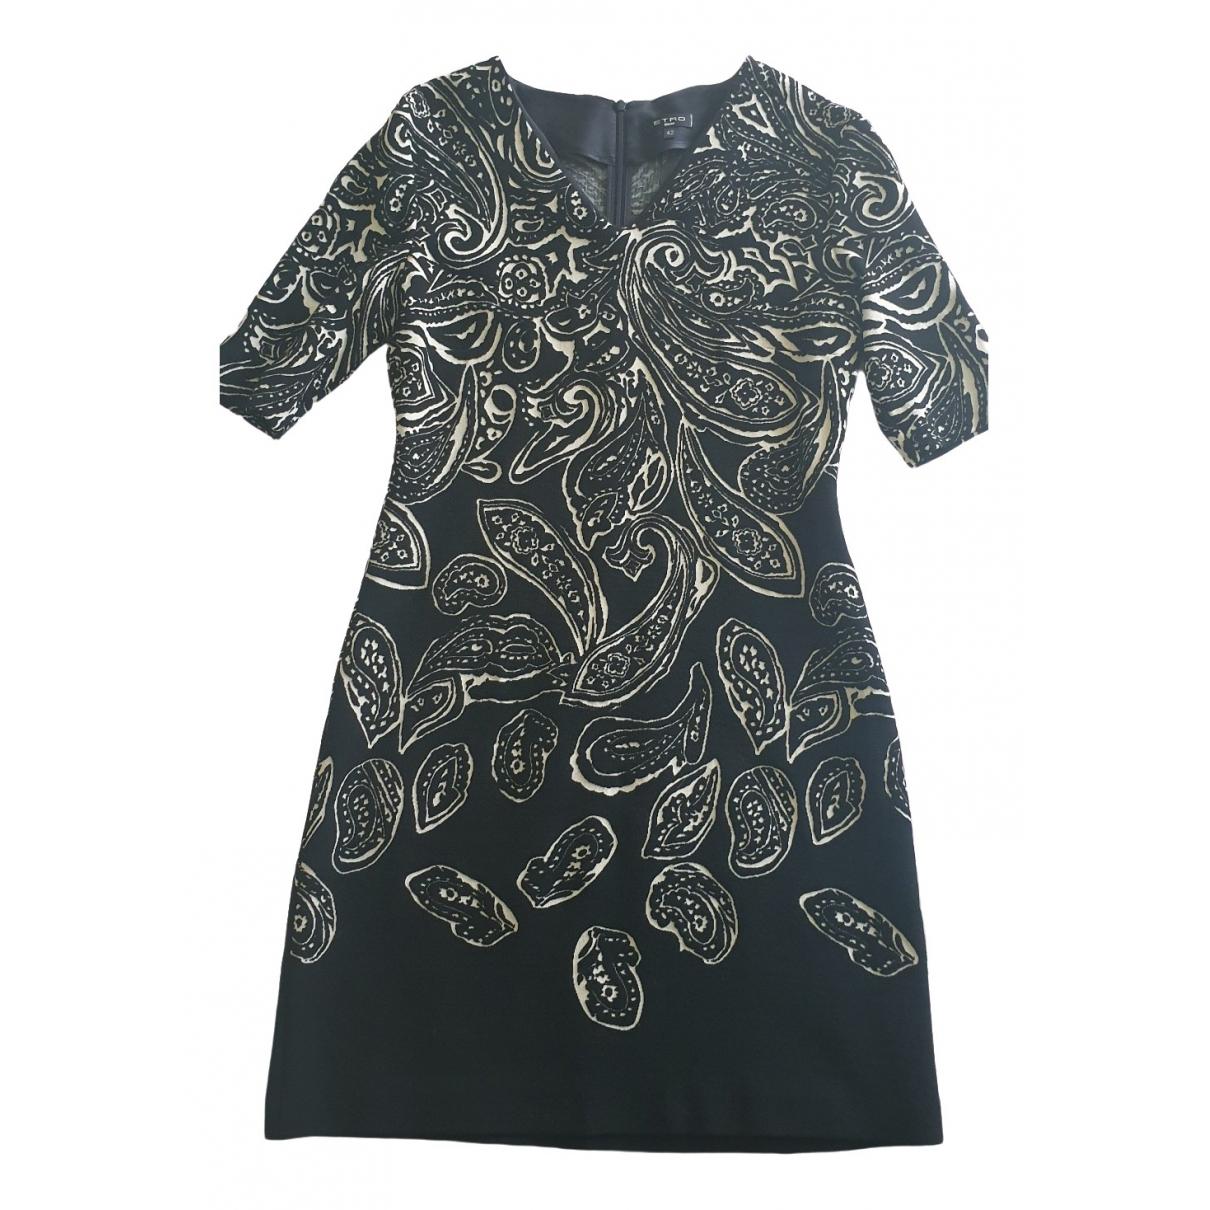 Etro \N Black dress for Women 42 IT